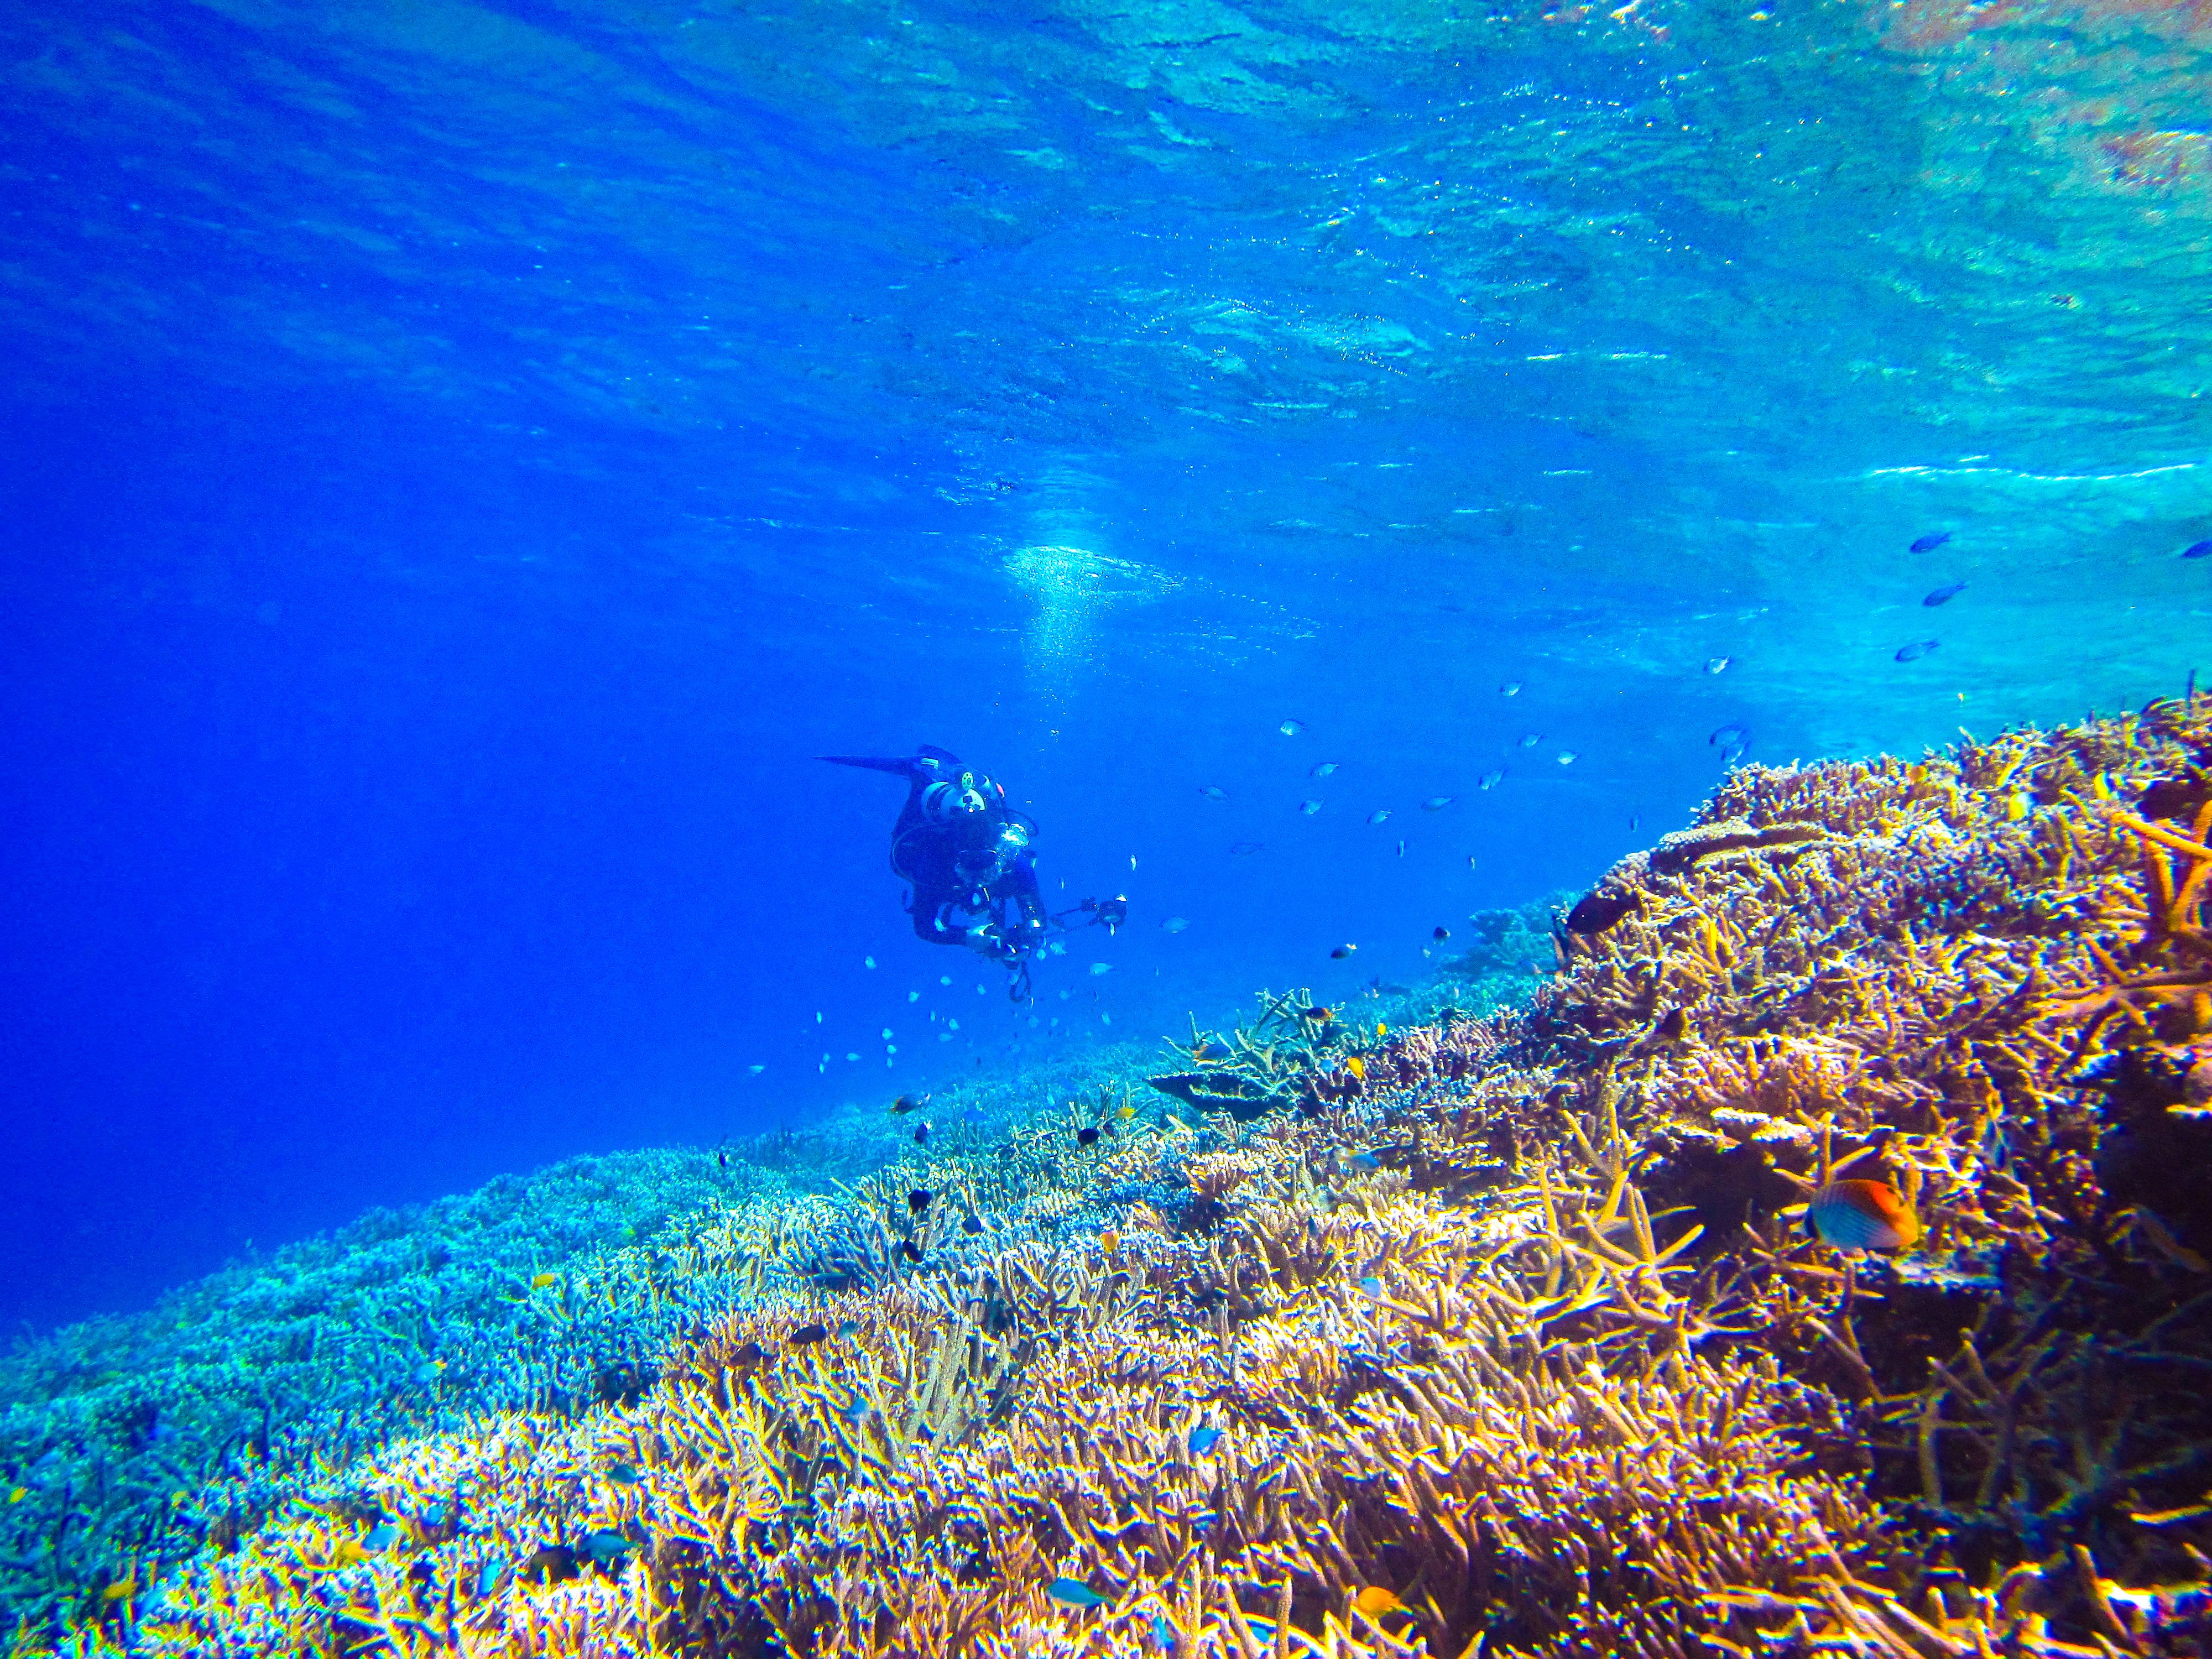 体験ダイビングで見ることのできるサンゴ礁